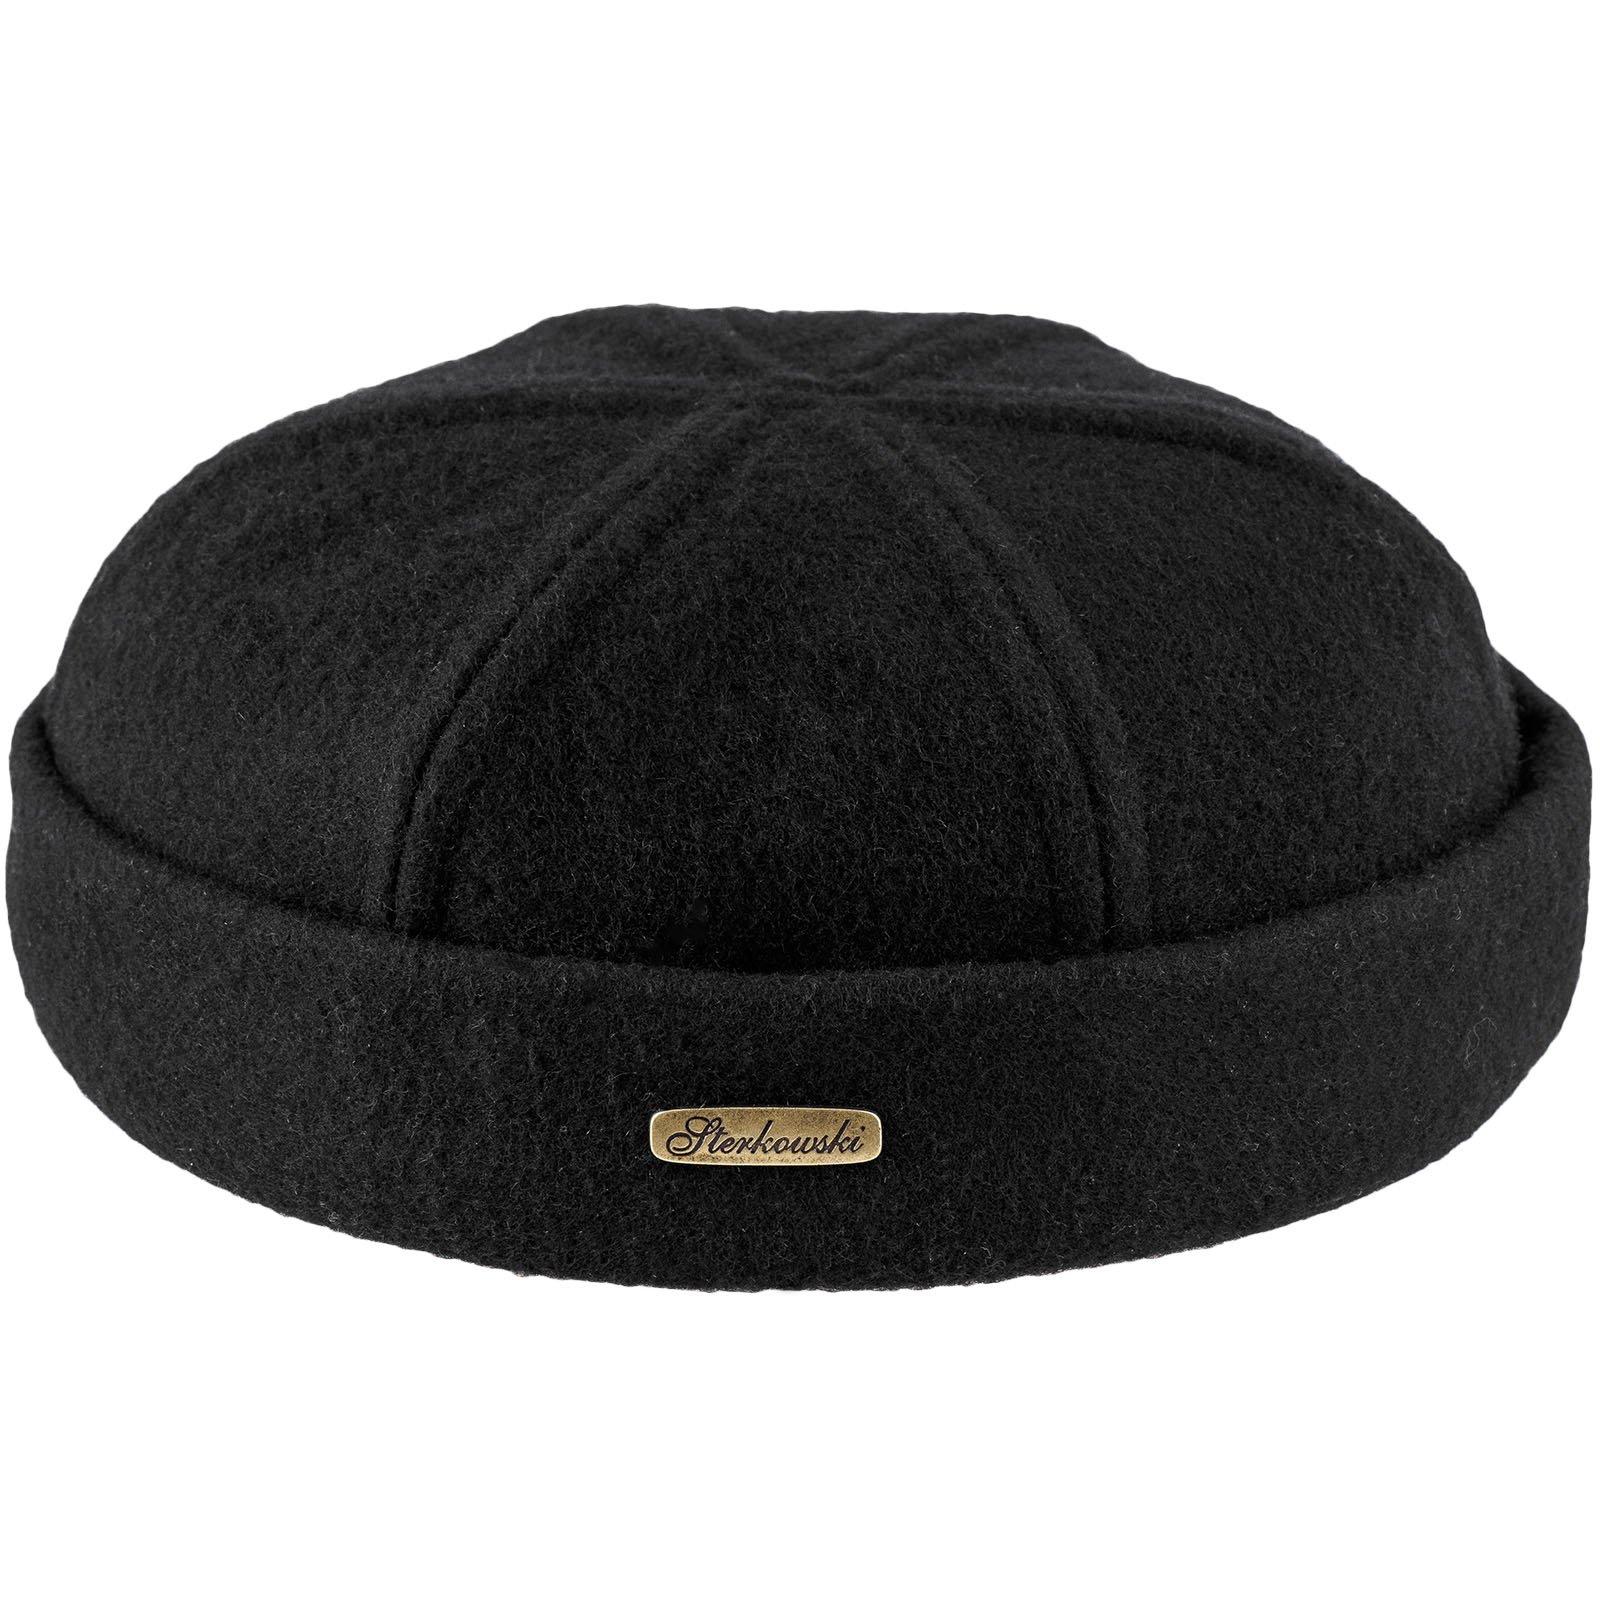 6849603562f Sterkowski Wool Beanie Docker Cap US 7 1 2 Black